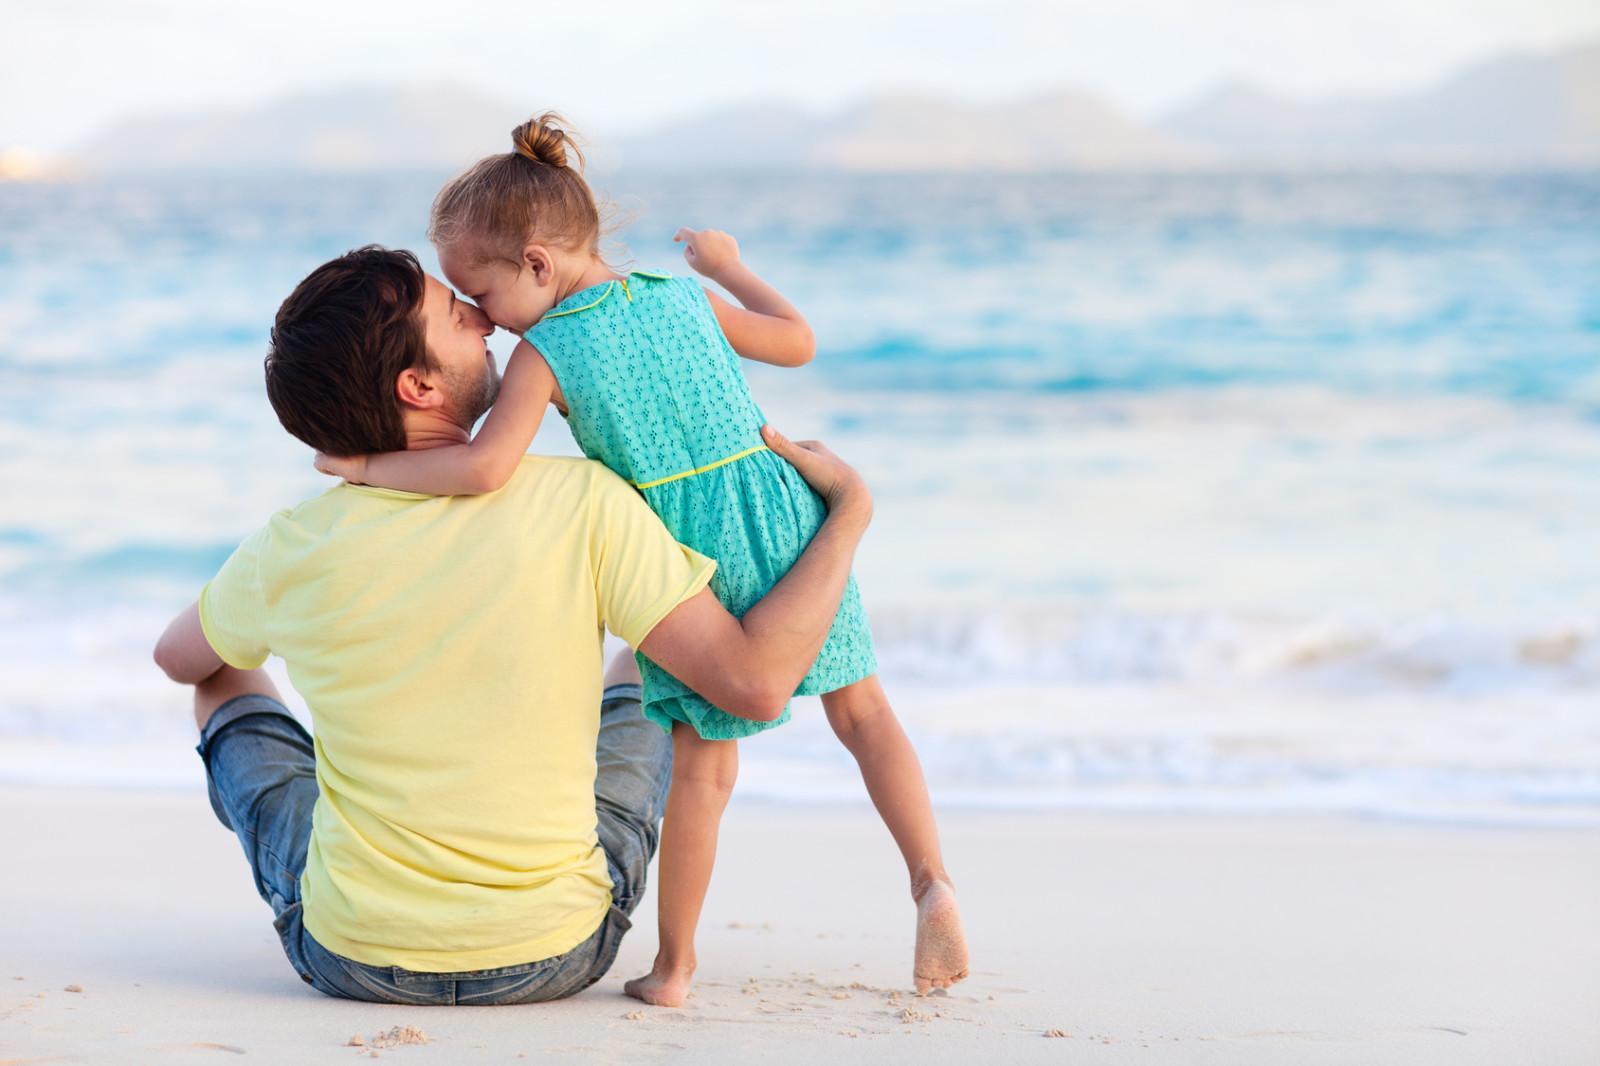 پدرها چگونه باید با دخترهایشان  رفتار کنند؟